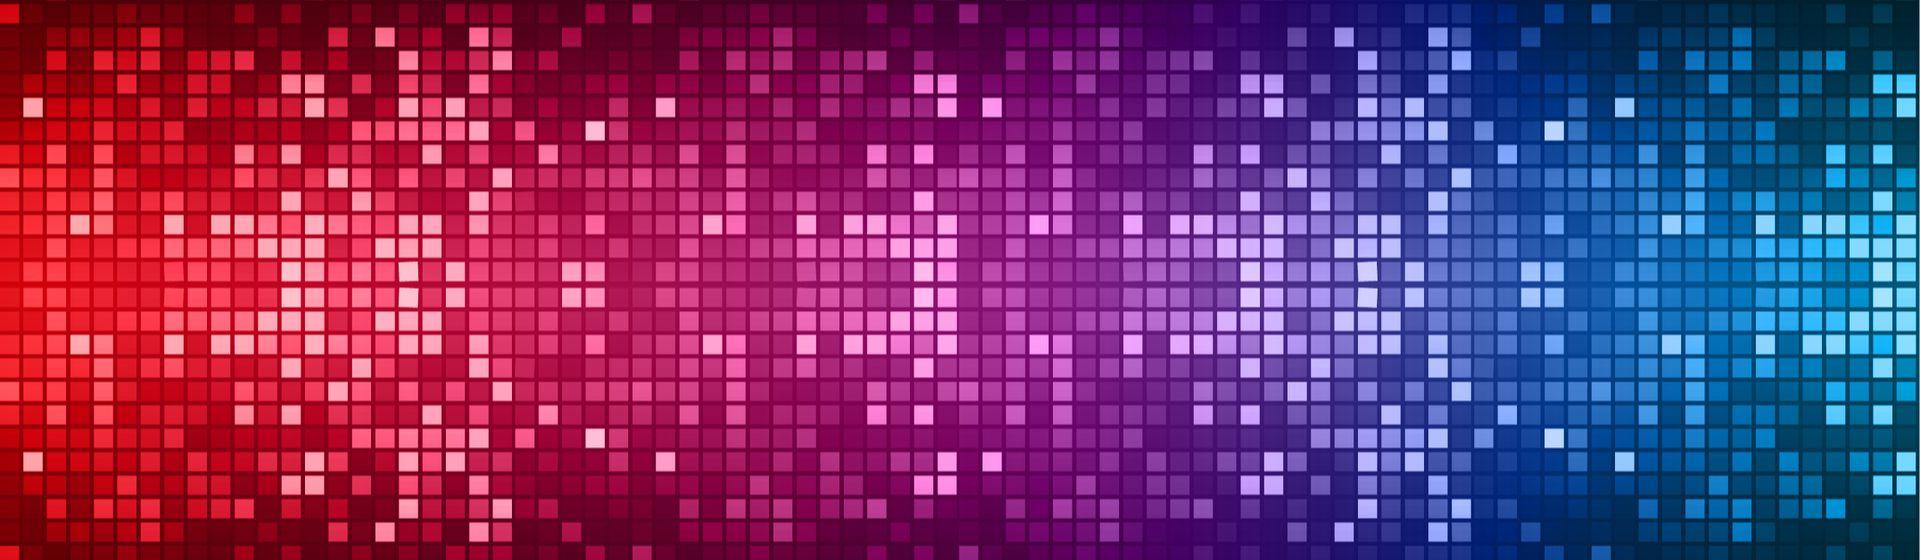 O que é DPI em mouse, celular e impressora?